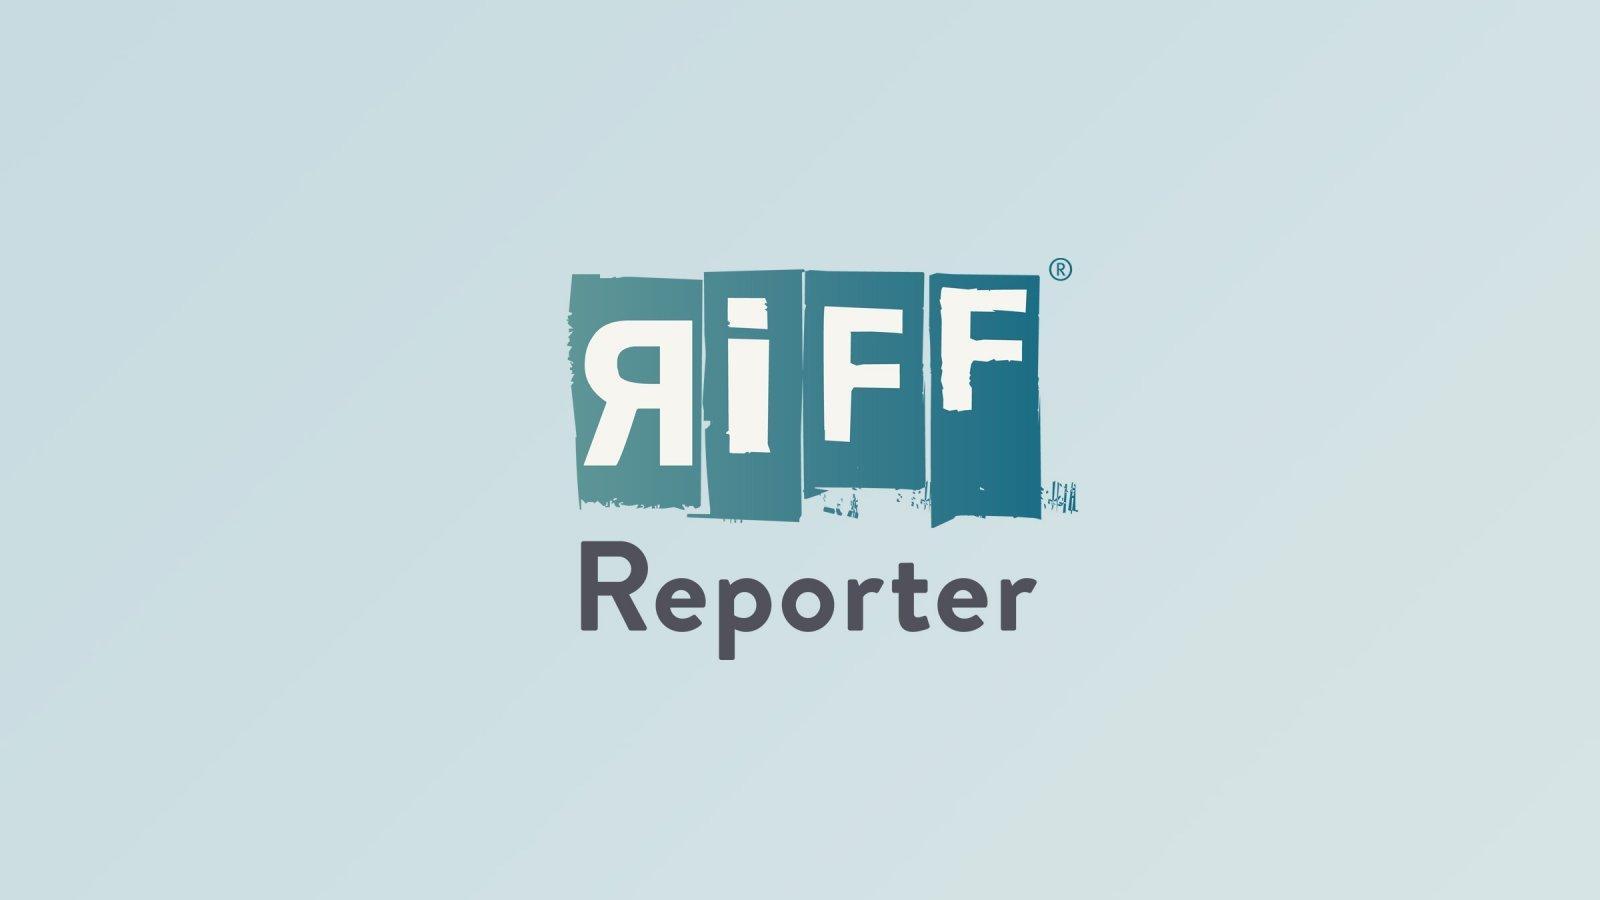 Eine Frauenhand hält kämpferisch einen Bleistift in der Faust.